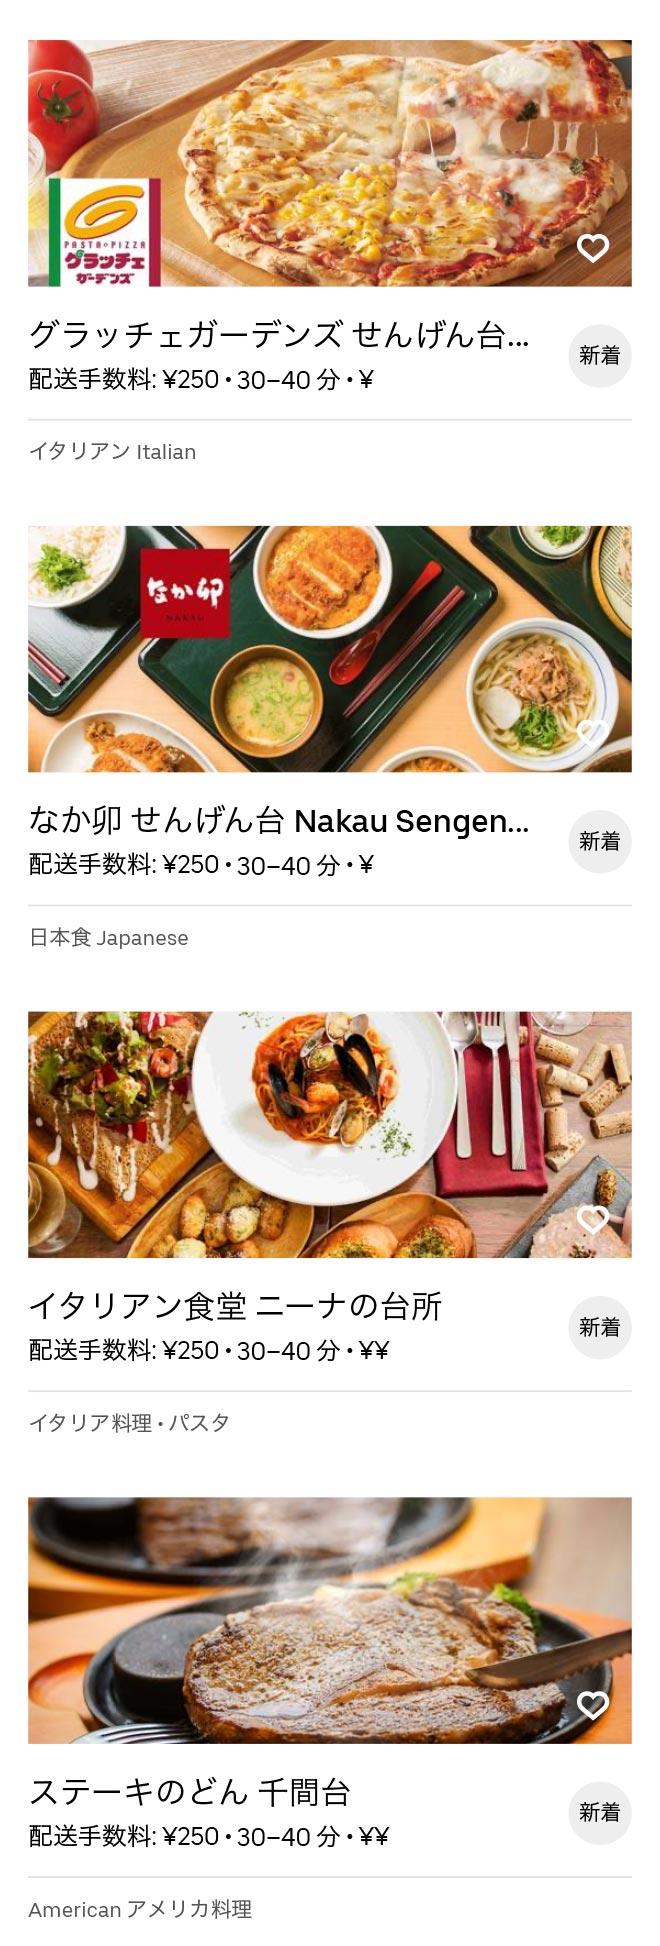 Takesato menu 2009 02